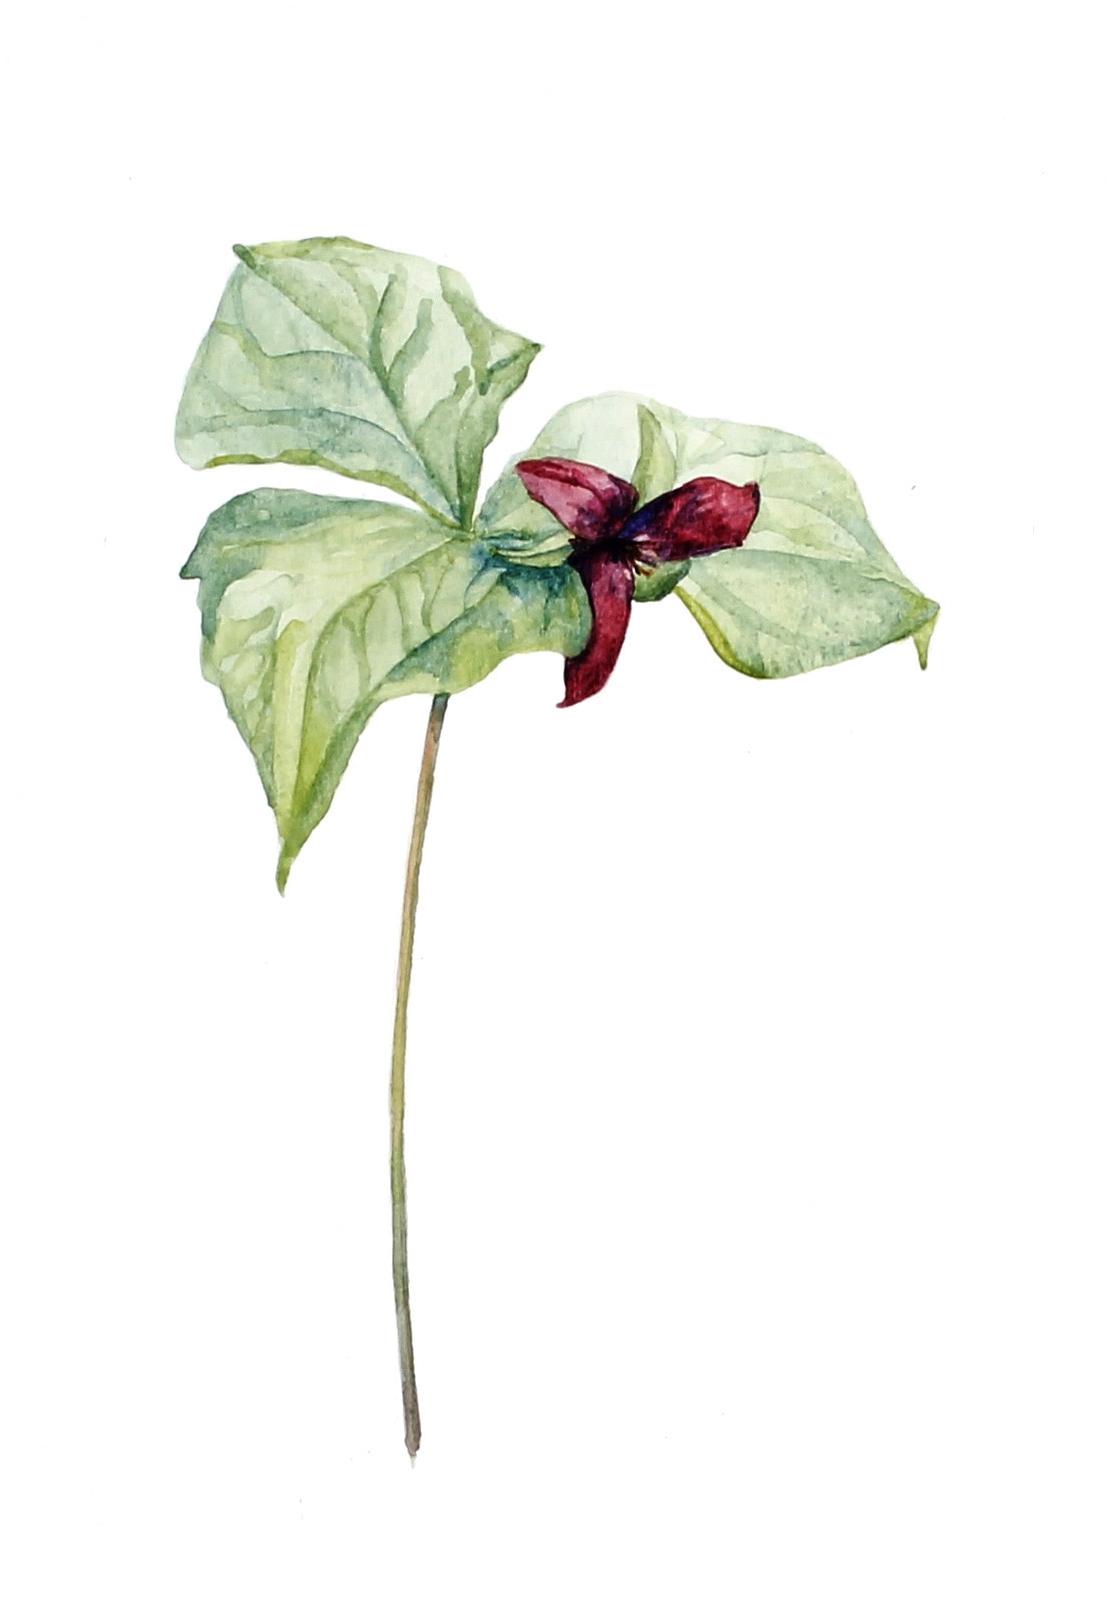 Trillium erectum  | Red Trillium